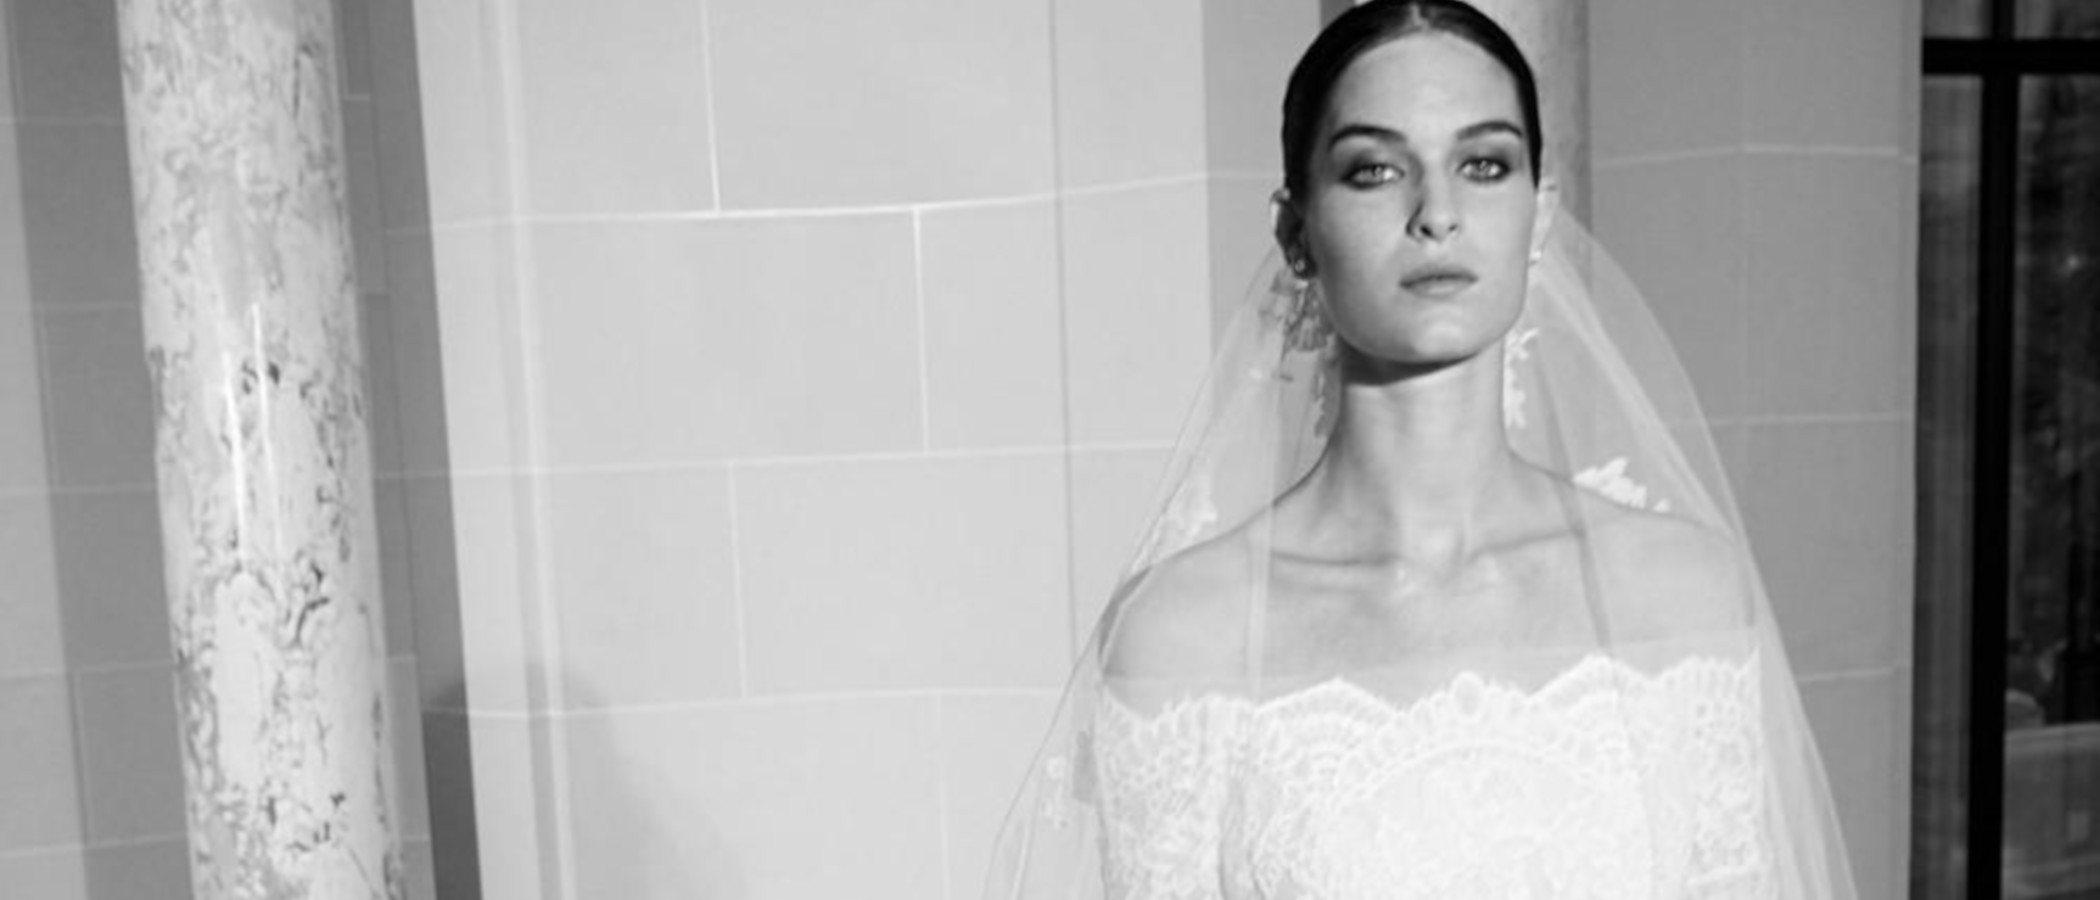 La sutileza es la clave de la nueva colección nupcial otoño 2019 de Elie Saab